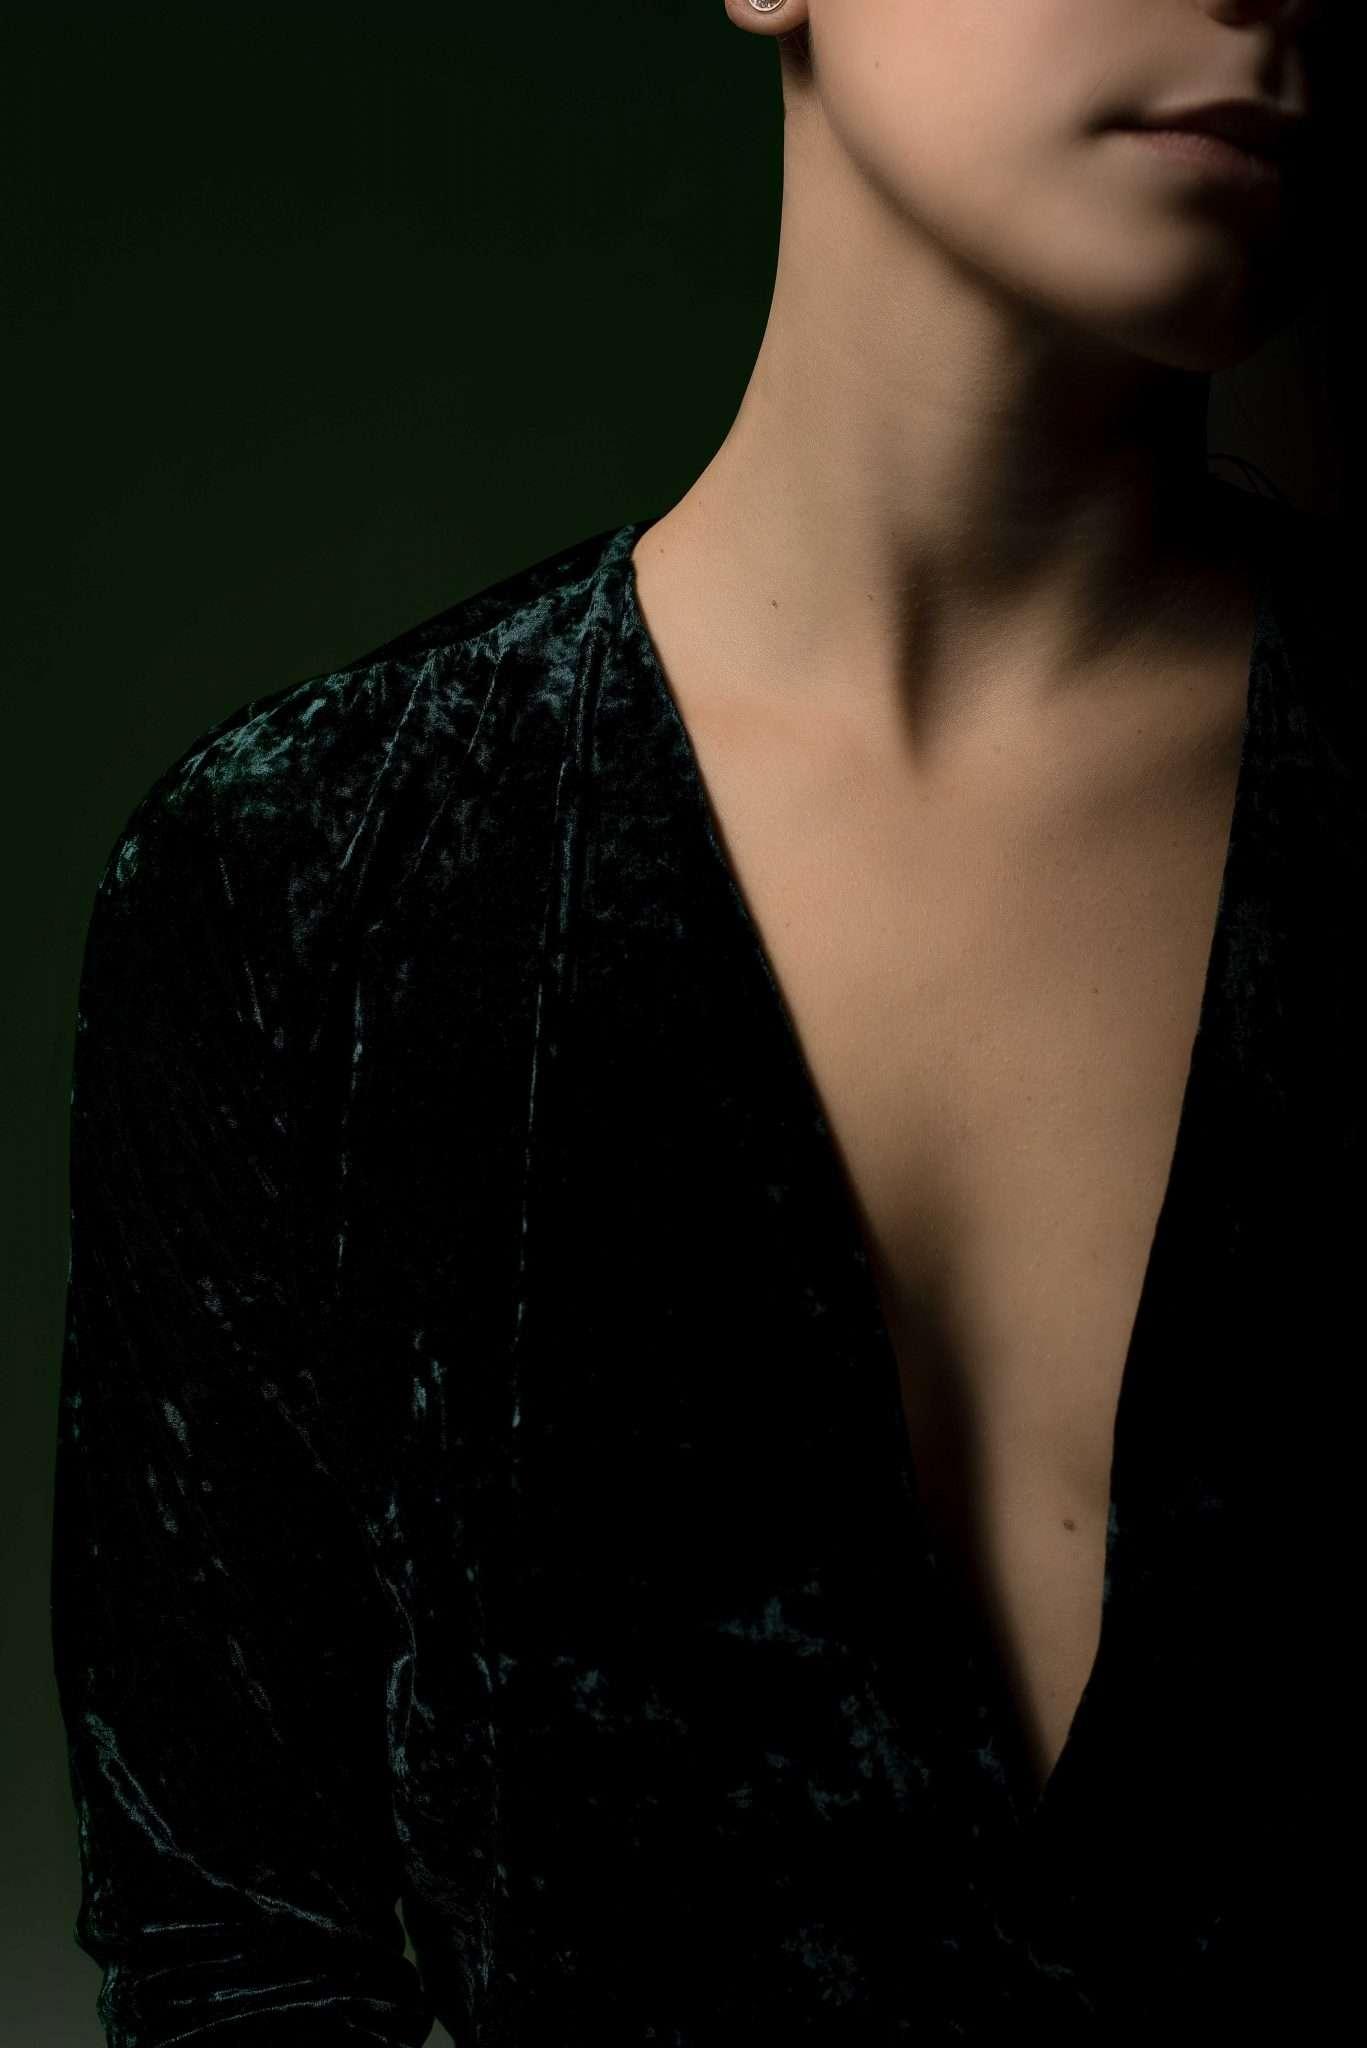 Fotografia ritratto donna capello rosso realizzata da Barbara Trincone, fotografa ritrattista professionista, esegue servizi di creazione ed ampliamento look book per modelle/i e attori